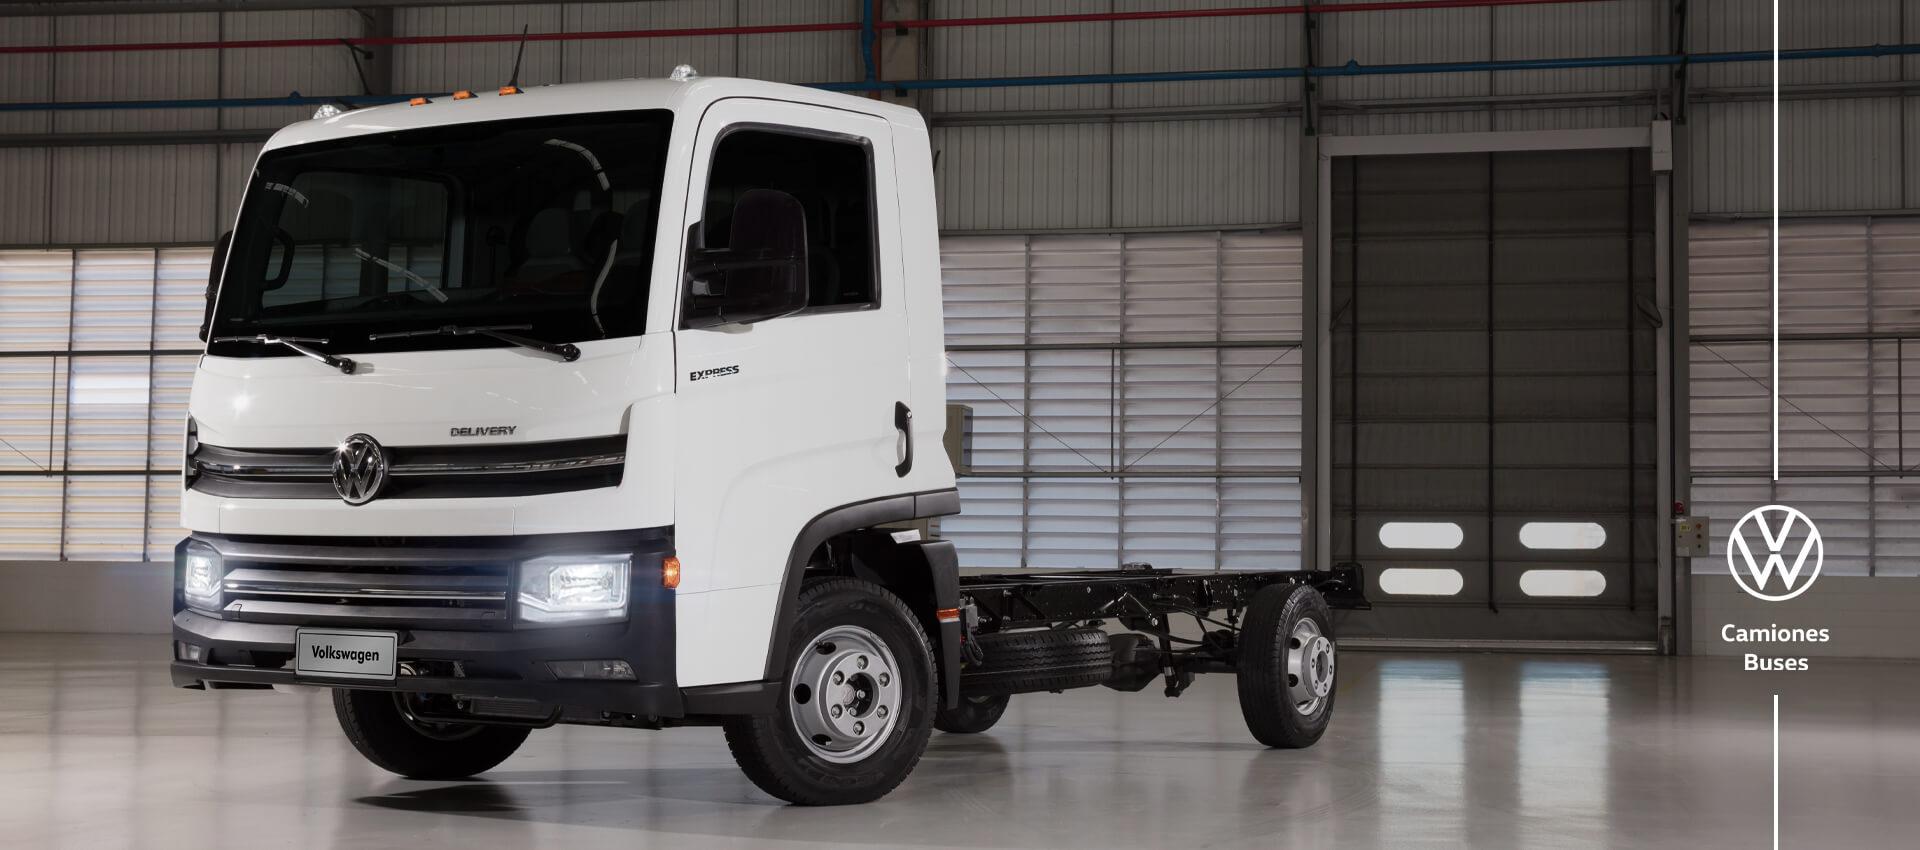 Volkswagen Delivery 4 160